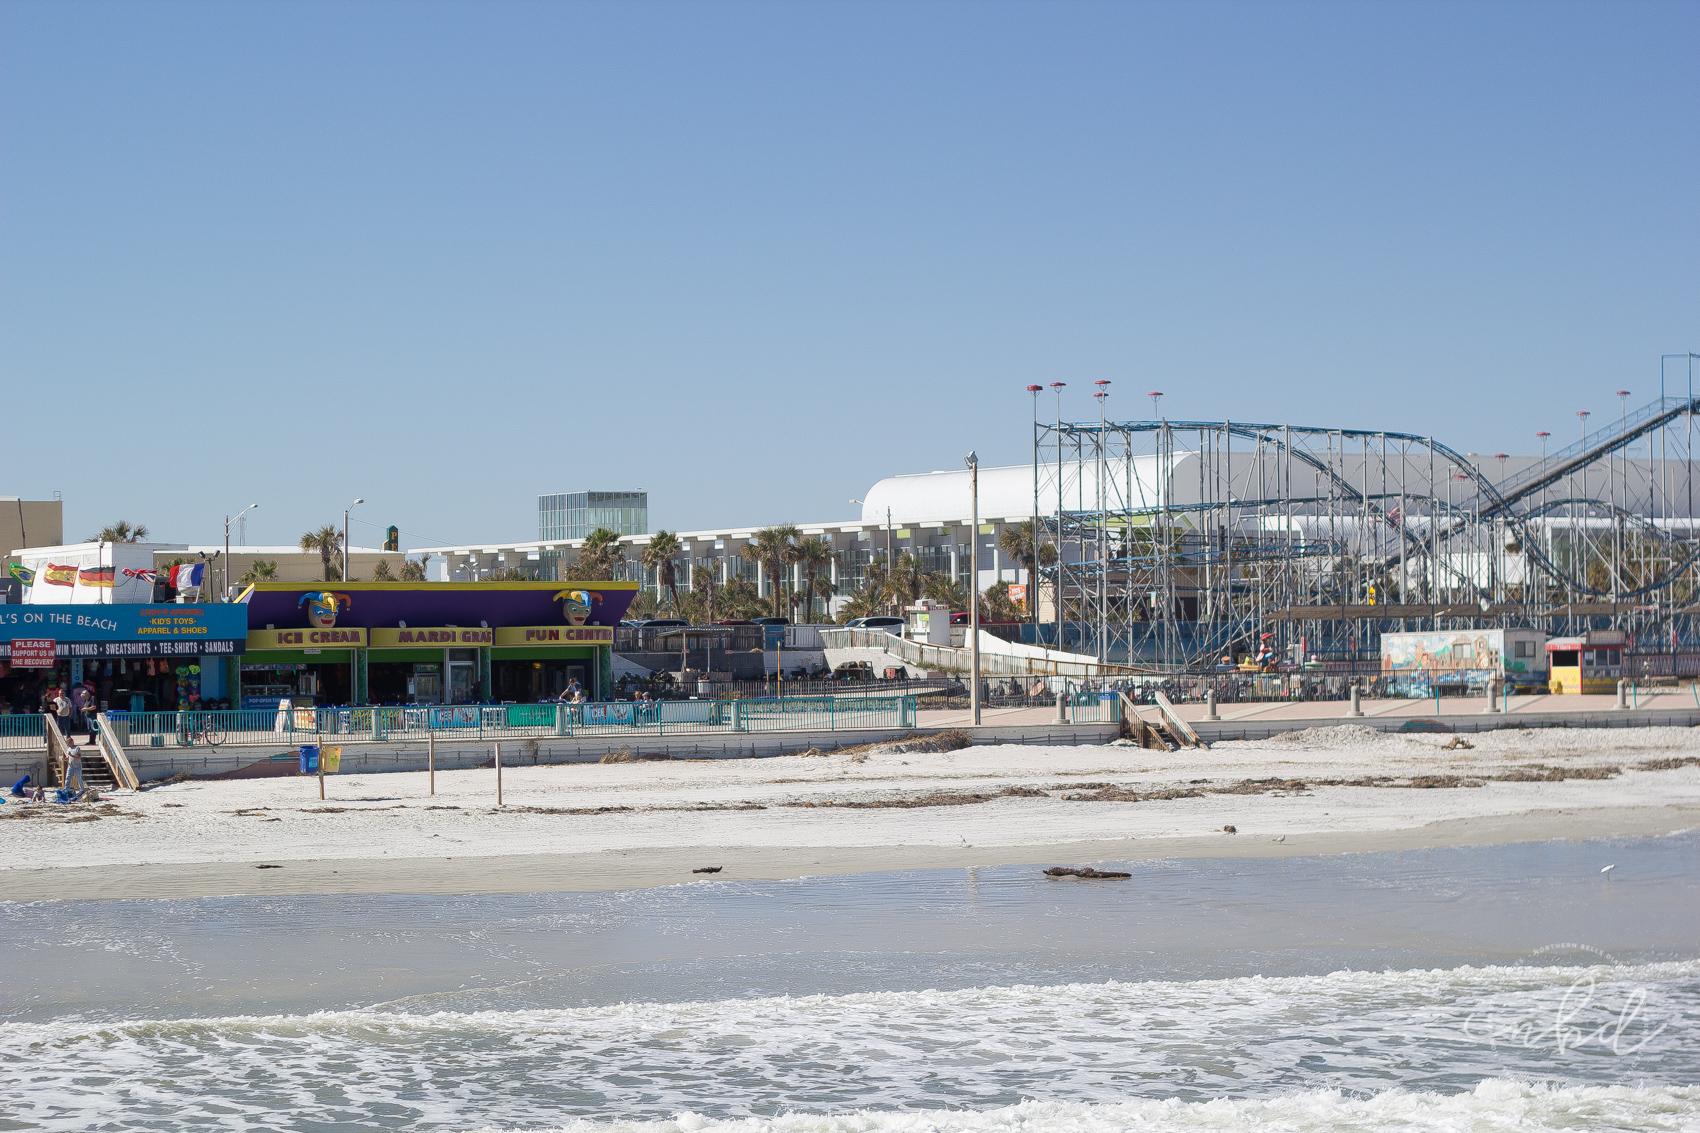 Baskin Robbins Daytona Beach